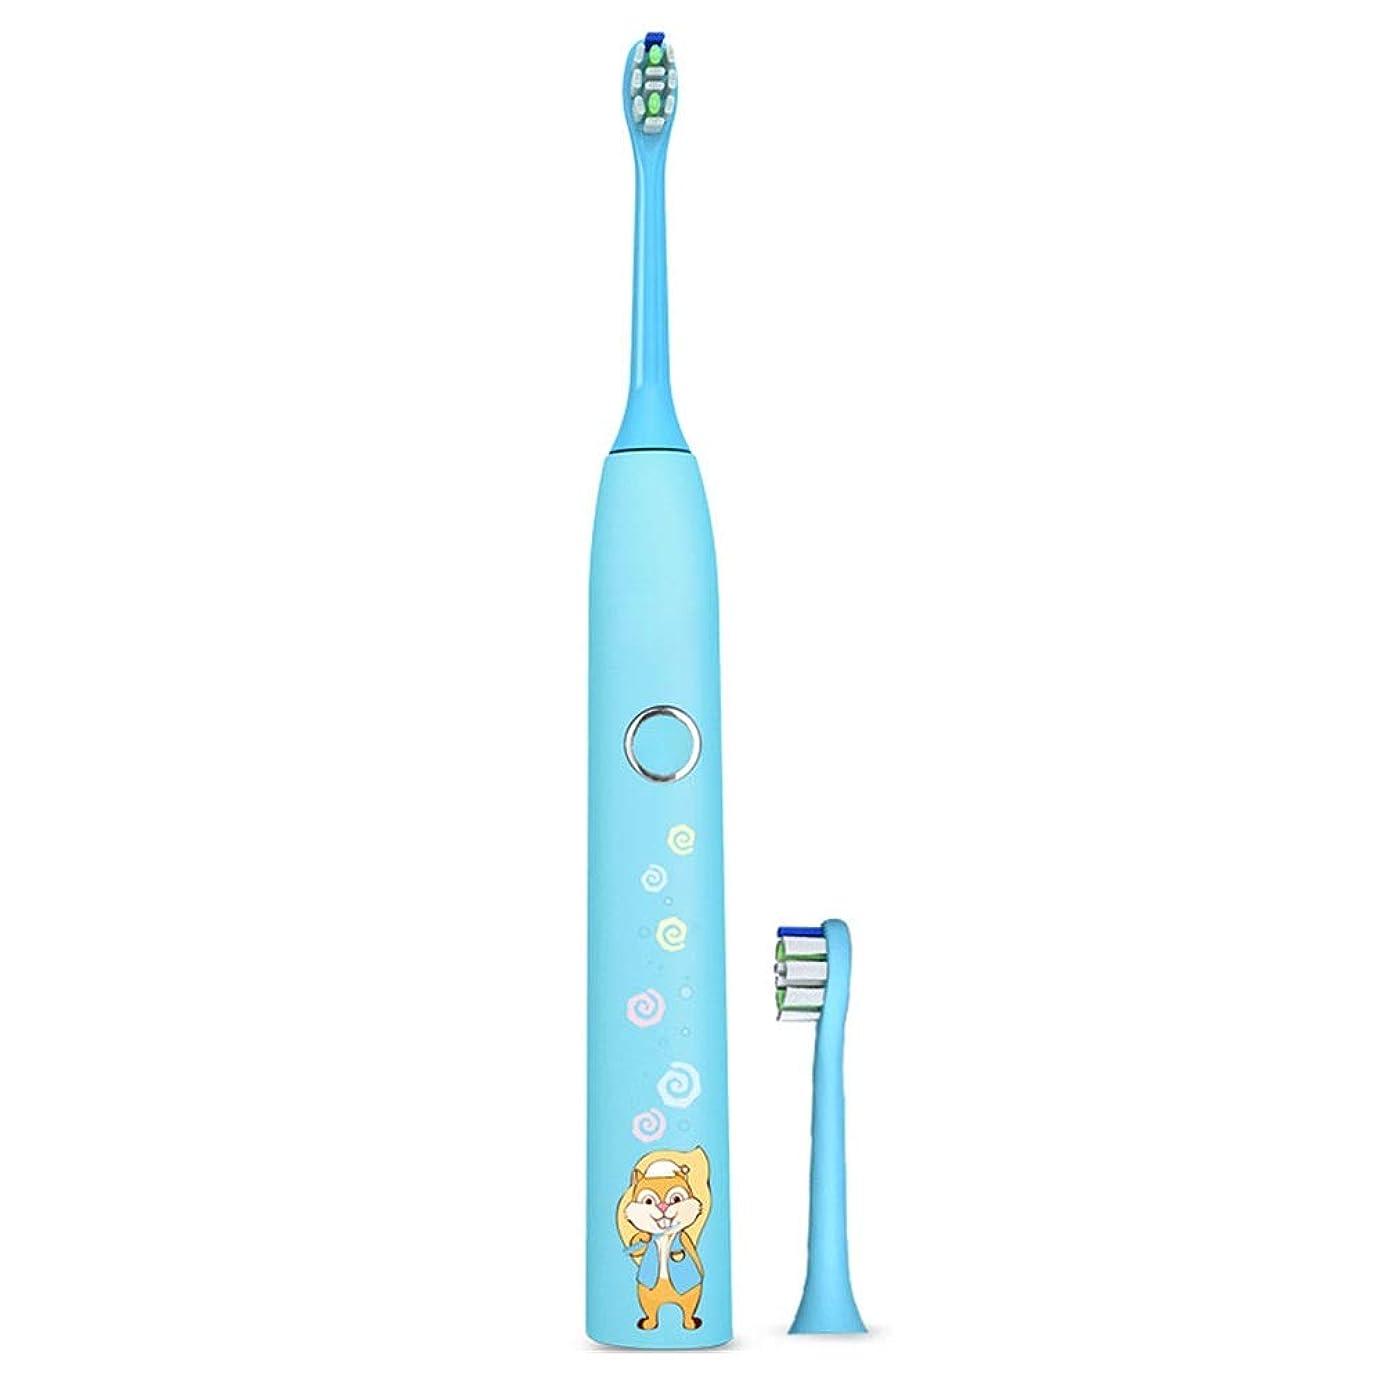 平行指定自己電動歯ブラシ 子供の電動歯ブラシ保護クリーンUSB充電式柔らかい毛の歯ブラシ歯科医は、日常の使用にお勧め 大人と子供向け (色 : 青, サイズ : Free size)